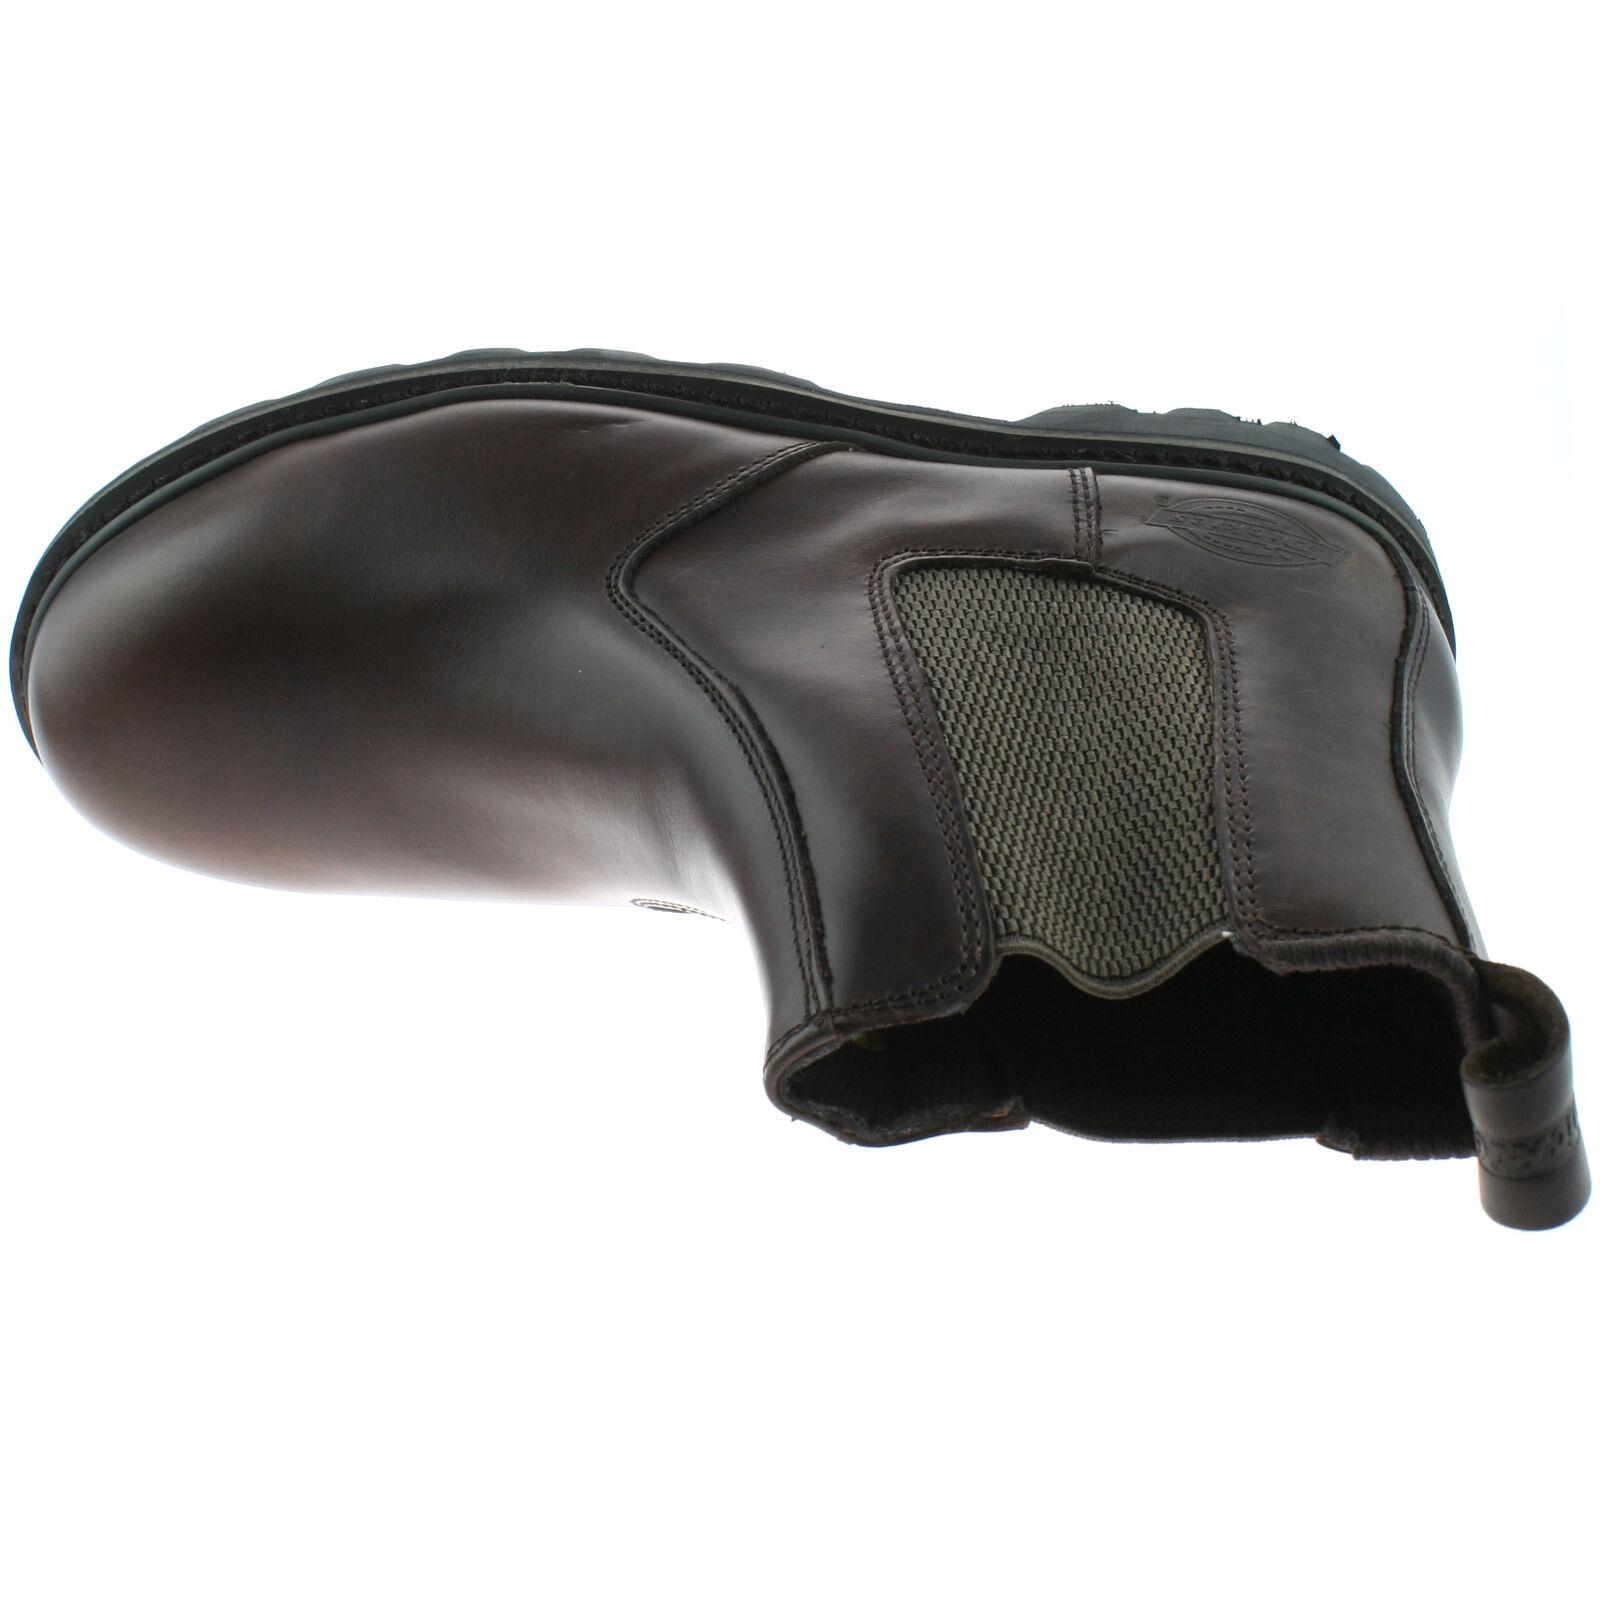 Herren DICKIES SAFETY LEATHER DEALER - Stiefel SIZE UK 6 - DEALER 12 BLACK BROWN FD22200 413074